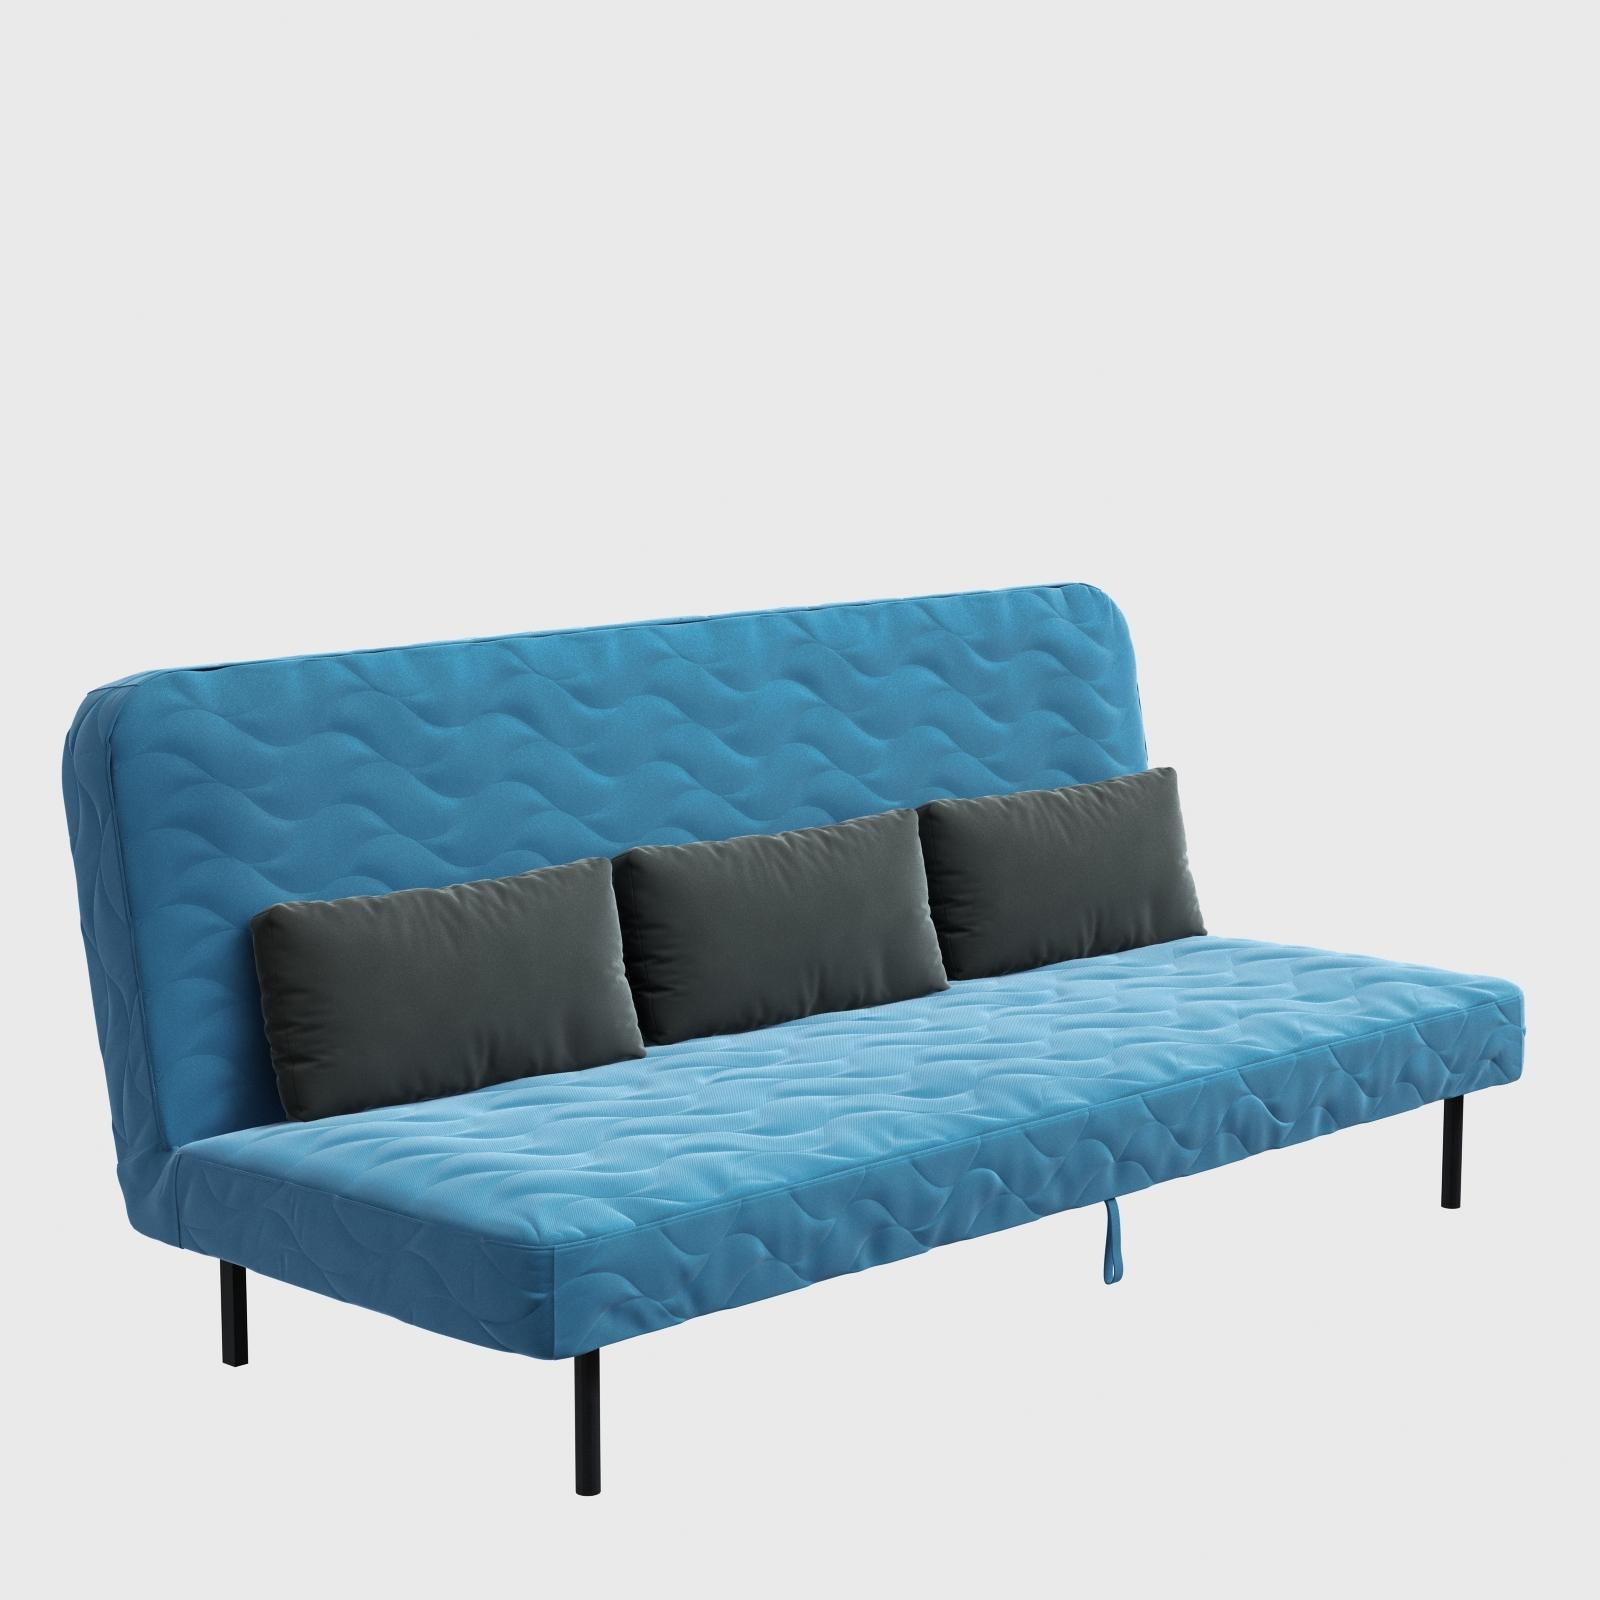 IKEA Nyhamn Sofa